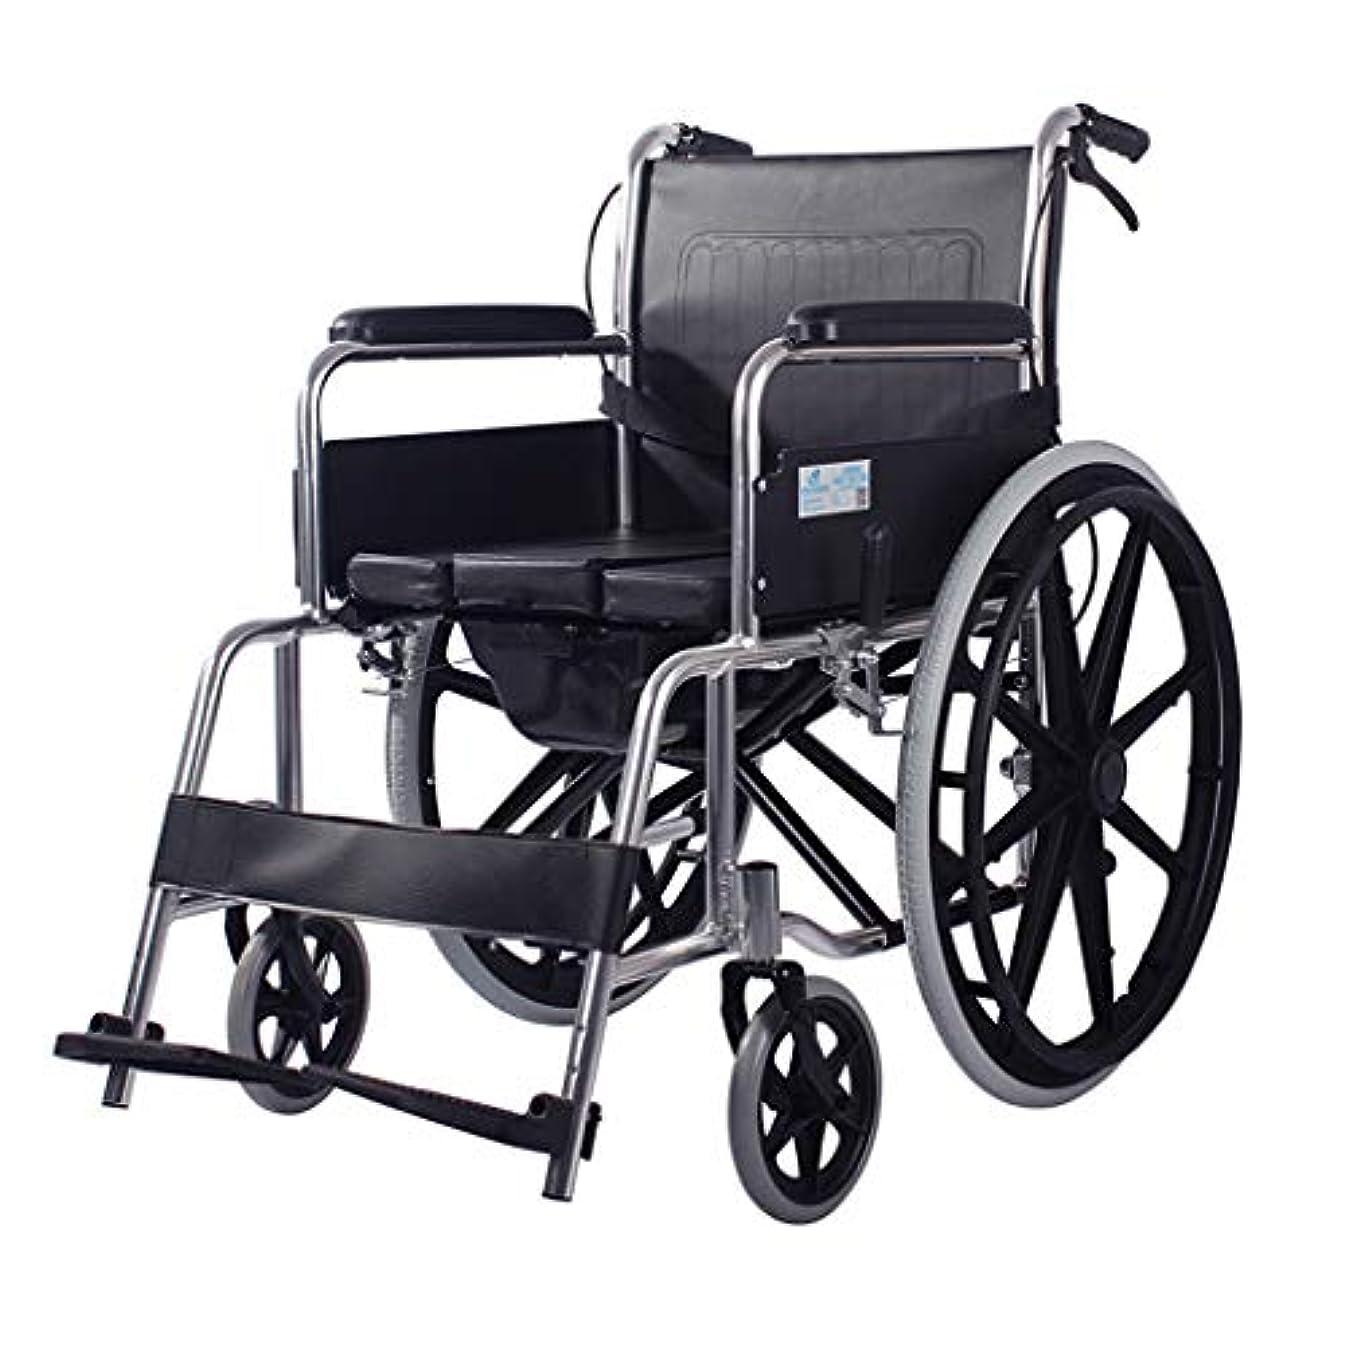 蒸留パスポート年金車椅子折りたたみ式および4ブレーキ設計、高齢者および身体障害者用のモバイルトイレ